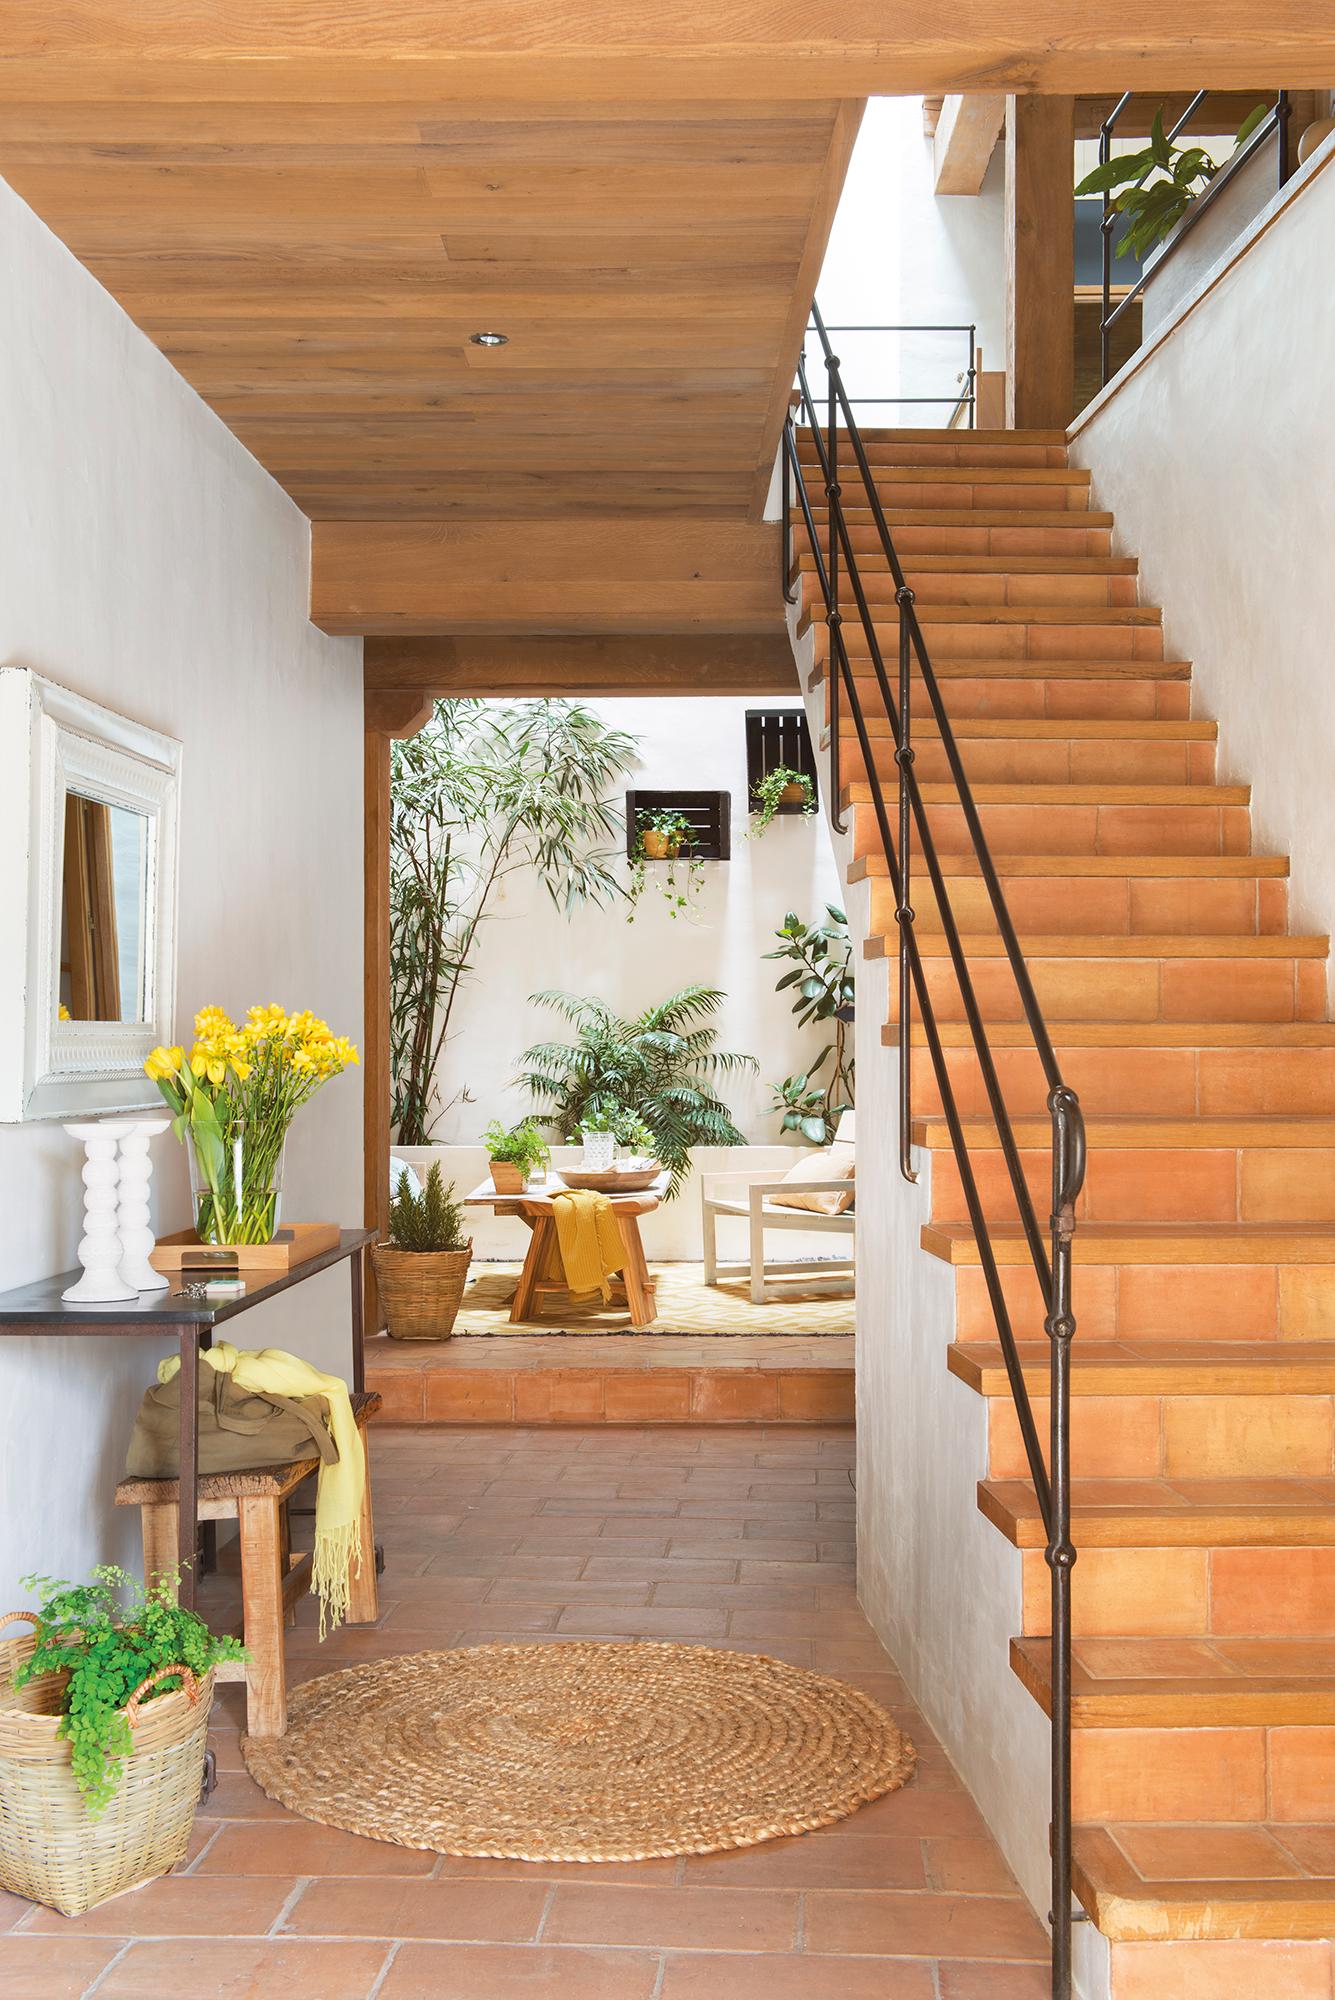 Escaleras c mo planificarlas con acierto for Escaleras exteriores para casas de dos pisos